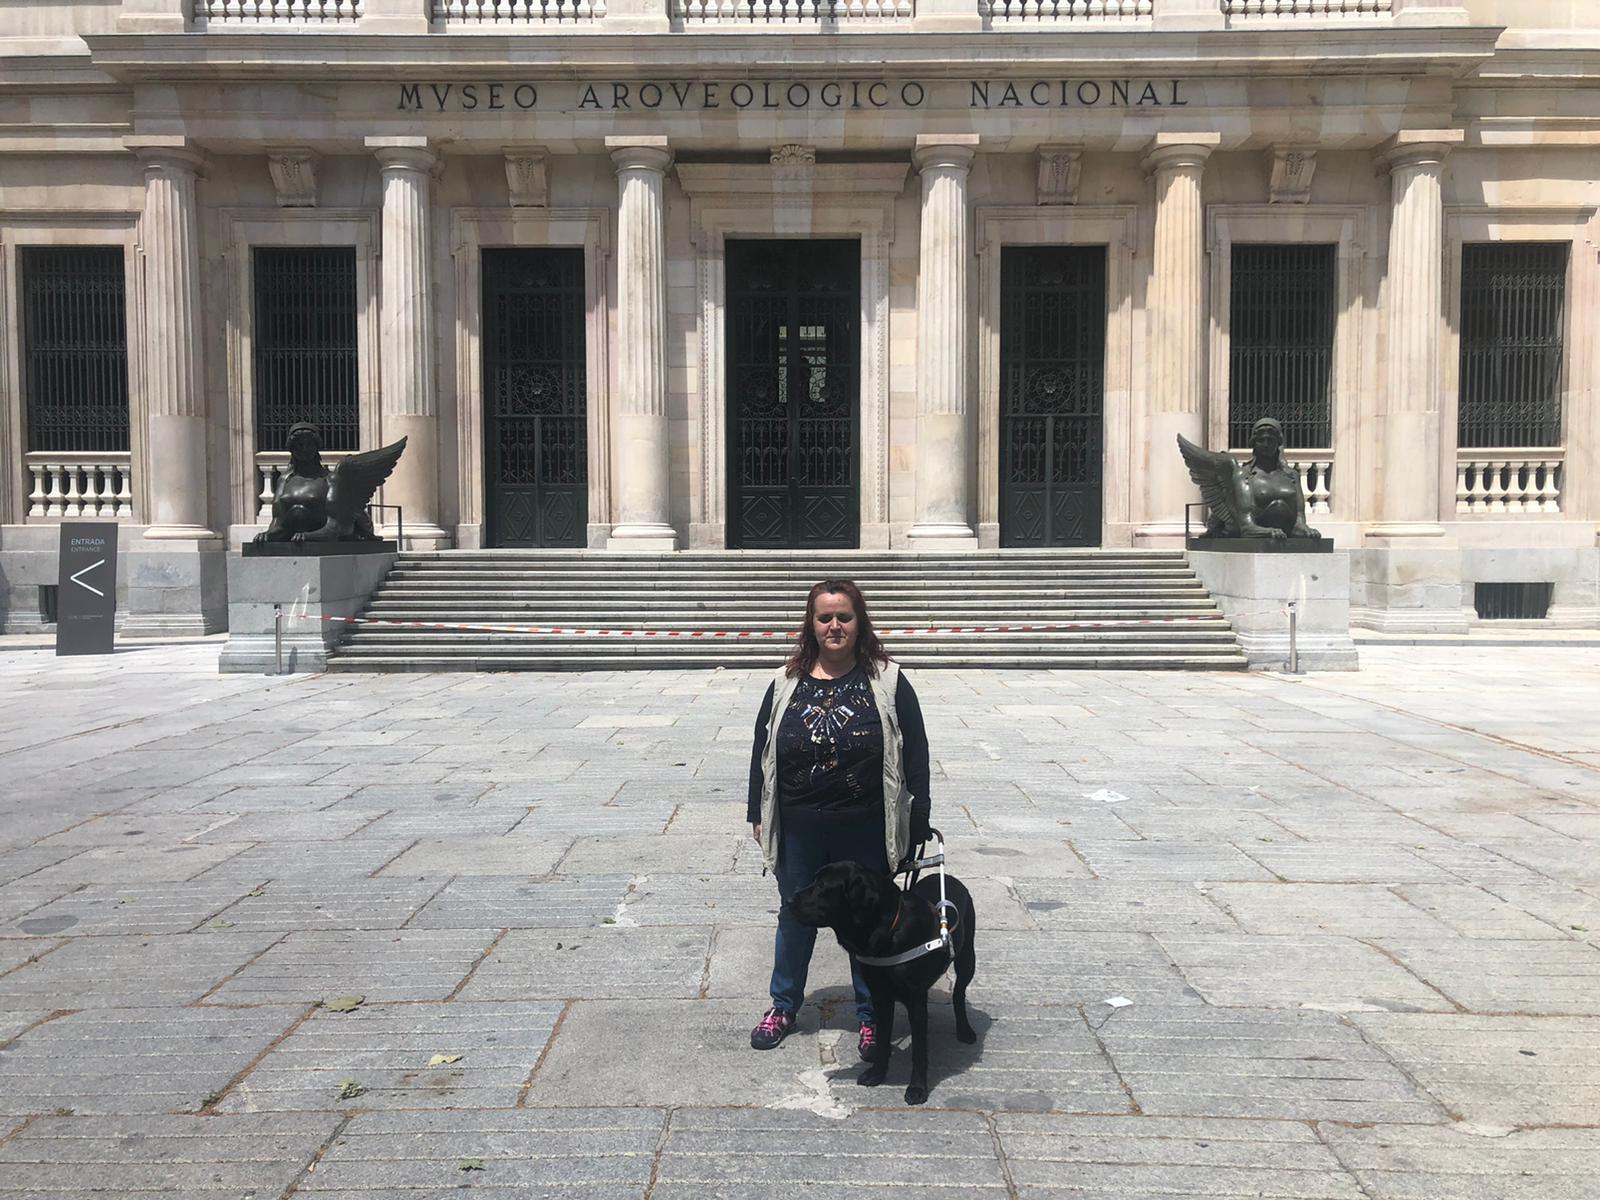 Goleta y yo dentro de los jardines del museo arqueológico